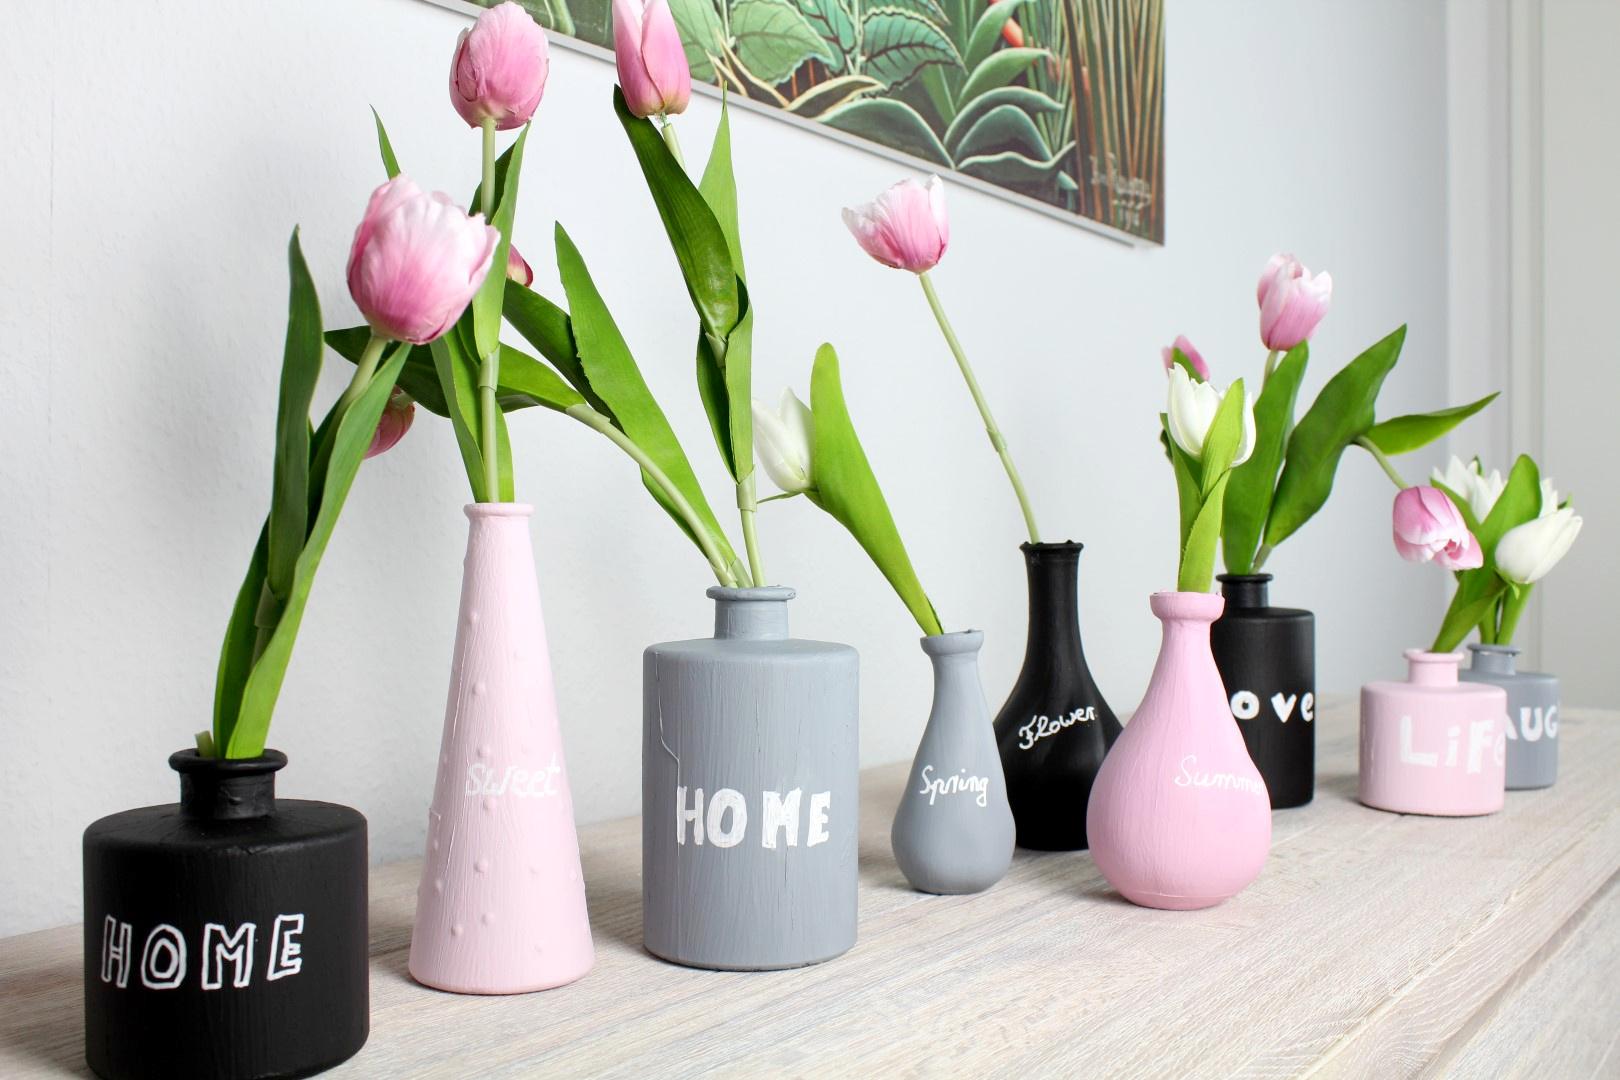 fr hlingsdeko vasen mit tafelfarbe 4. Black Bedroom Furniture Sets. Home Design Ideas